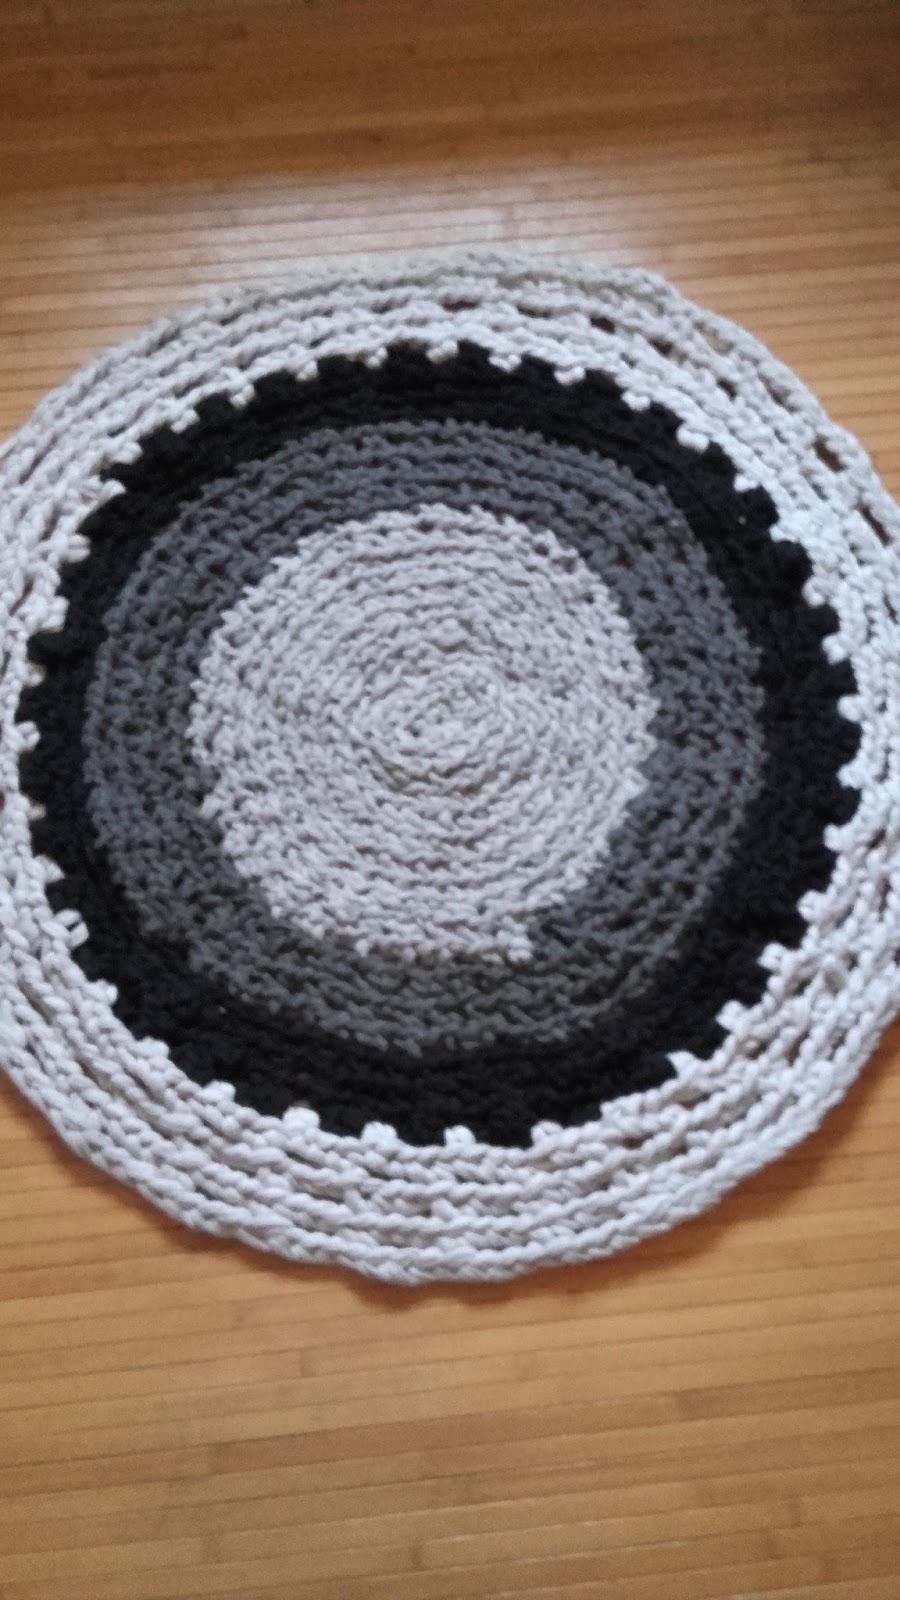 Arte en tu dia alfombras de algod n - Alfombras de algodon ...